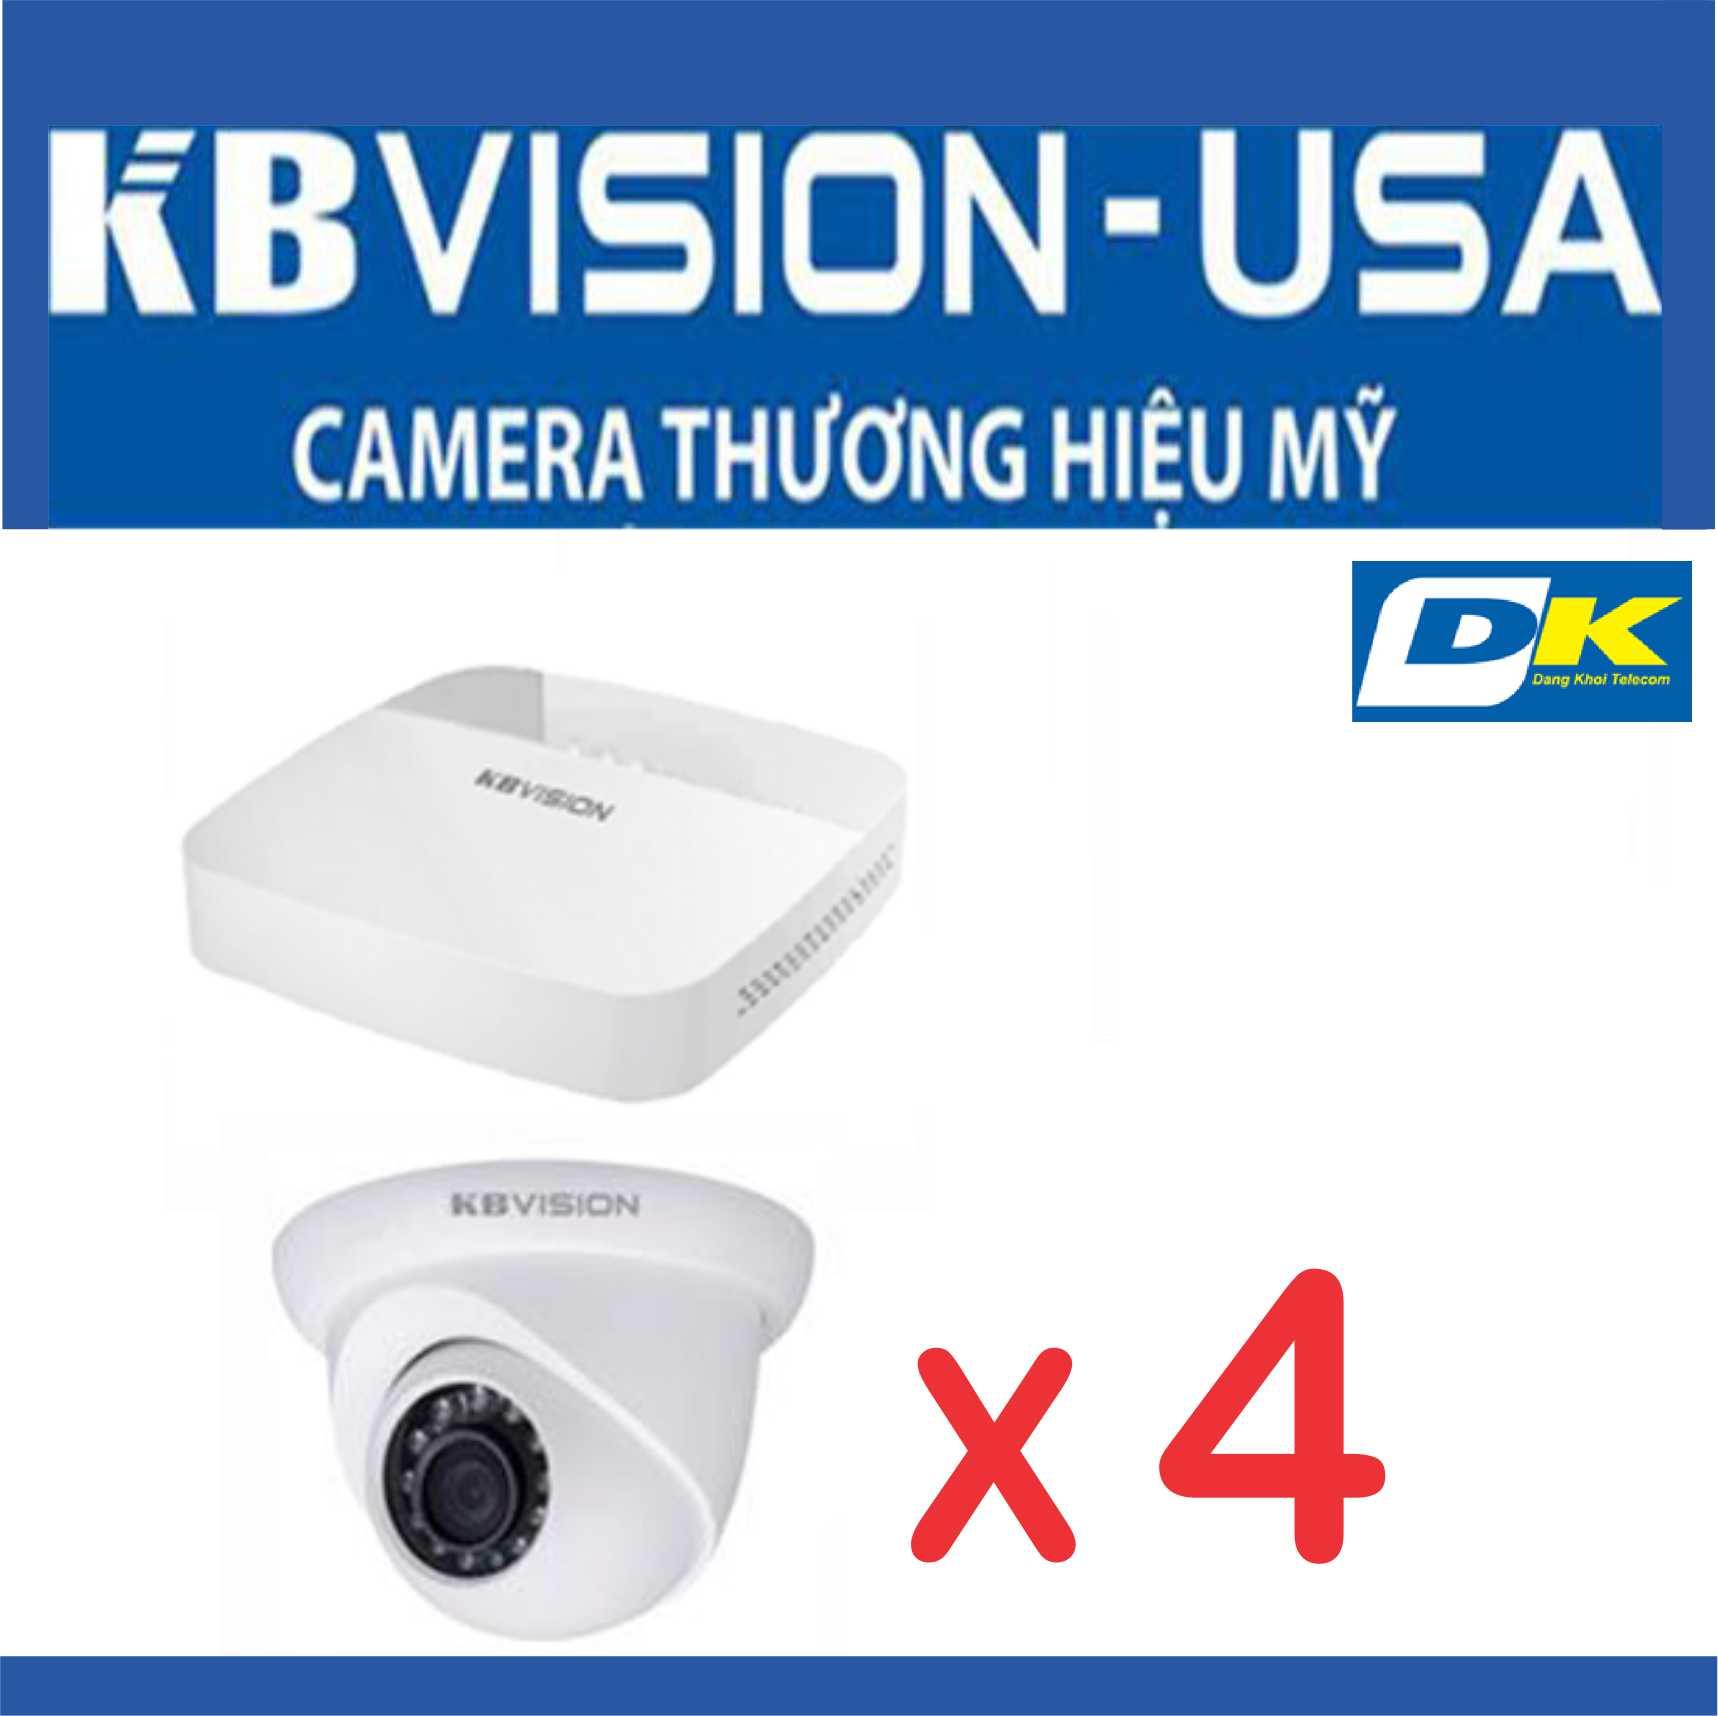 Bộ 4 Camera Kbvision CVI Thương Hiệu Mỹ